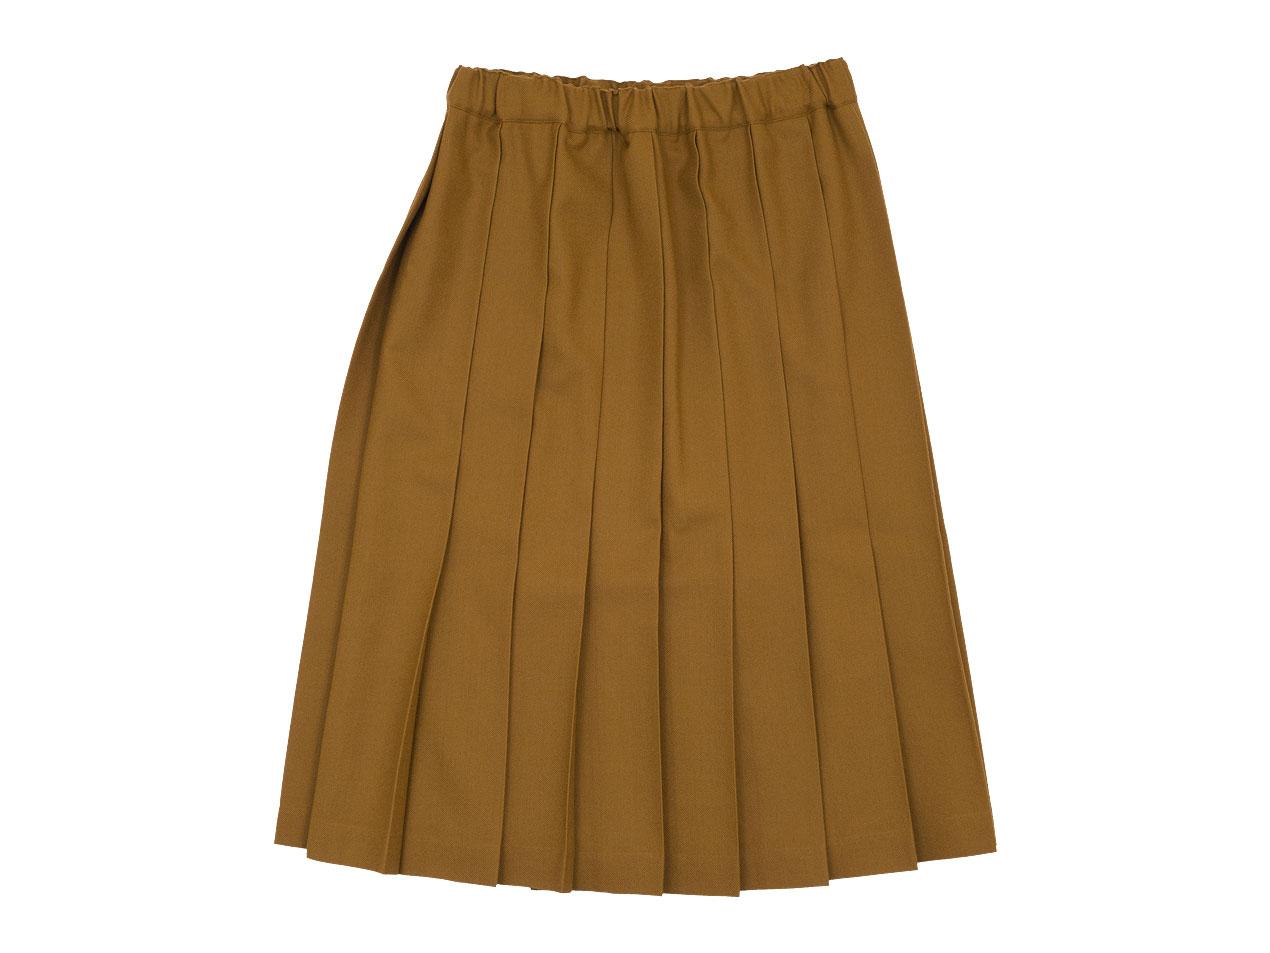 Charpentier de Vaisseau Belle プリーツスカート Wool  / Brisa プリーツスカート Long Wool